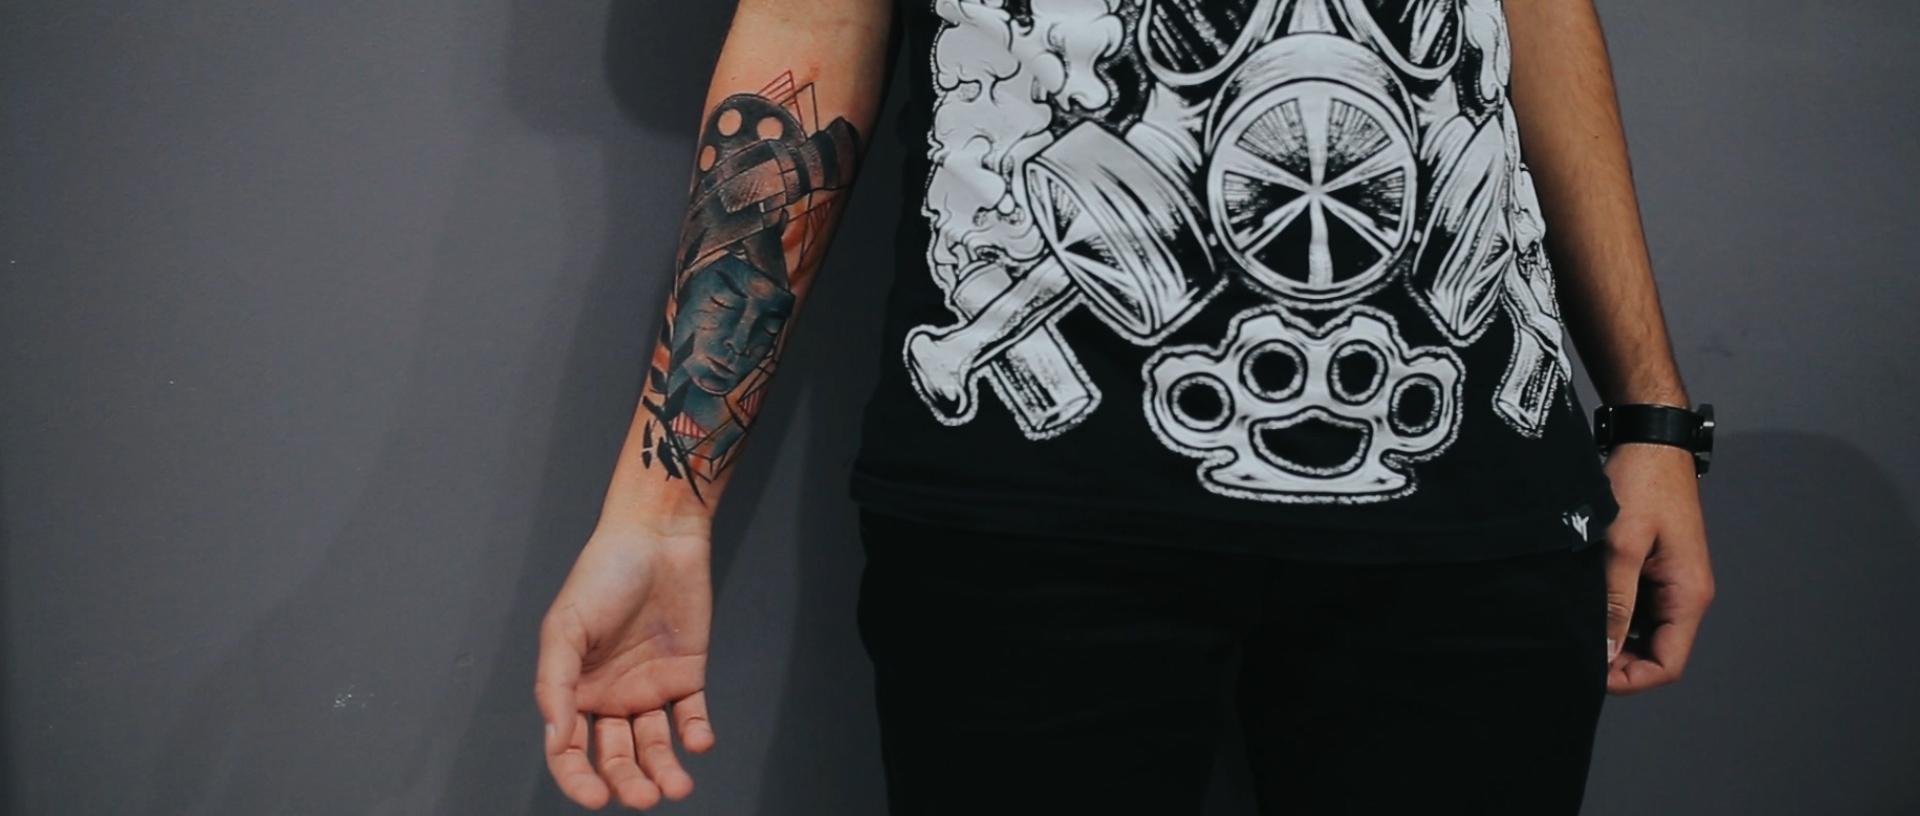 Gabrielle-Pereira-tatuadora-Curitiba-tattoo-ricardo-franzen-love-freedom-madness-producao-de-filme-video-de-tattoo-into-the-skin (13).jpg